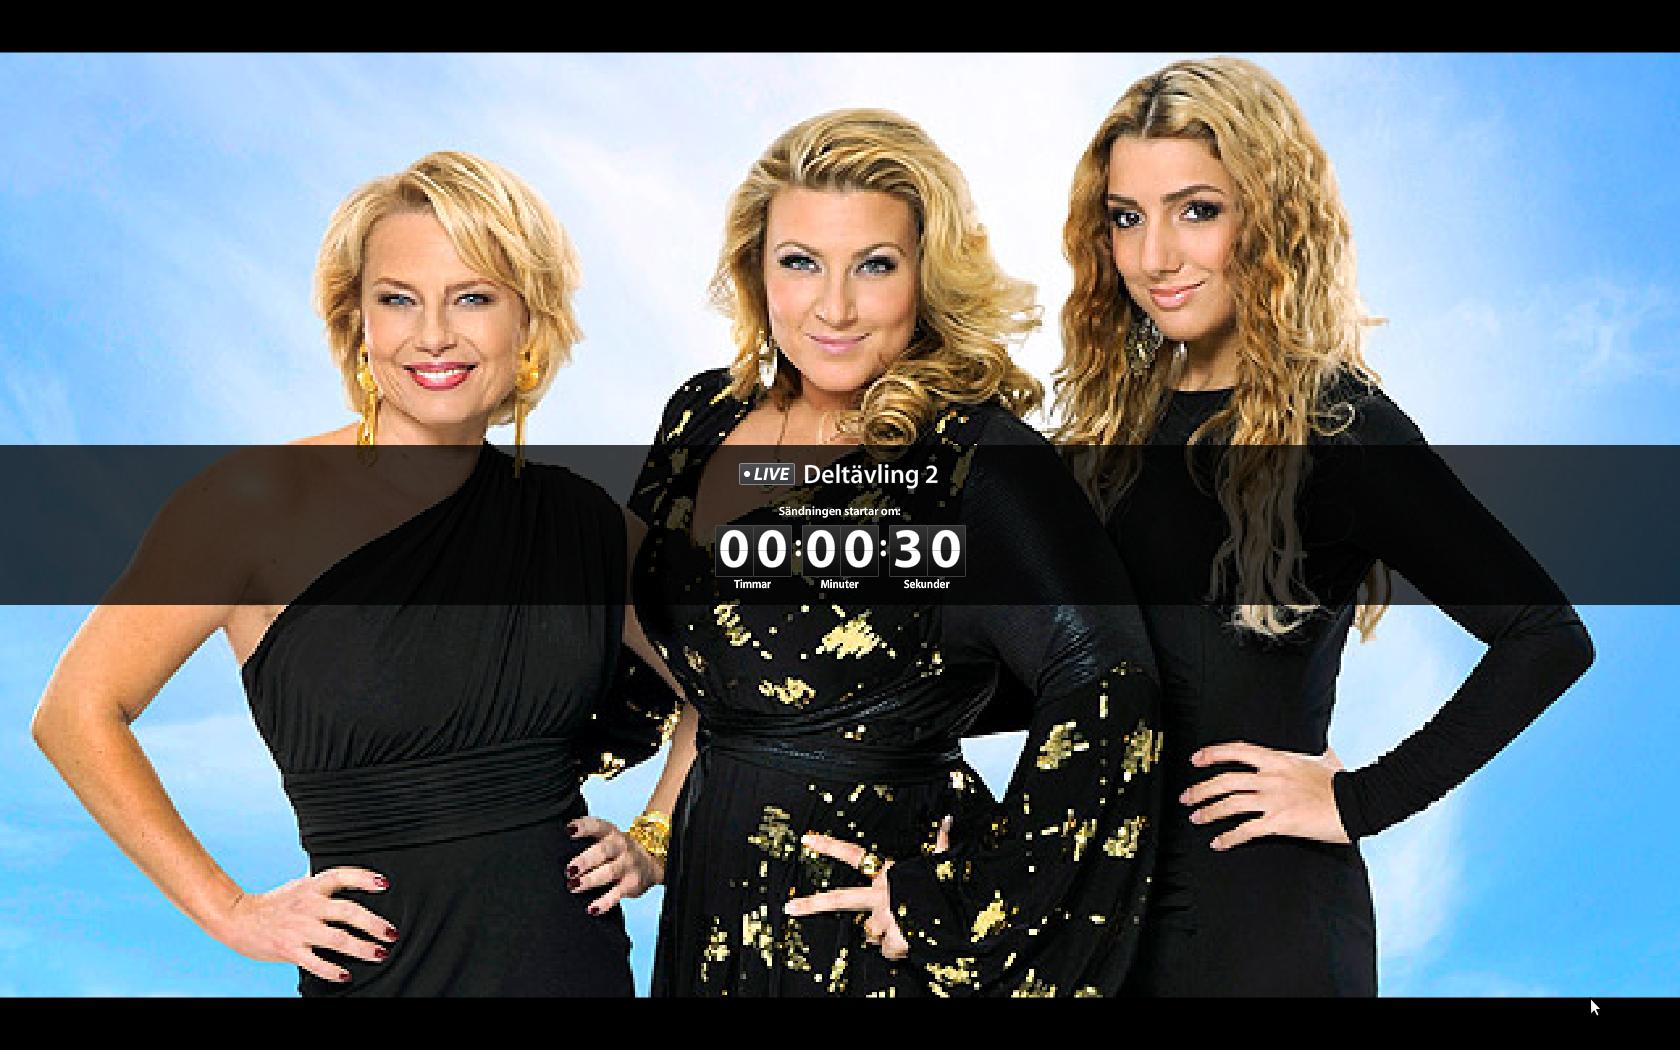 Countdown to Melodifestivalen